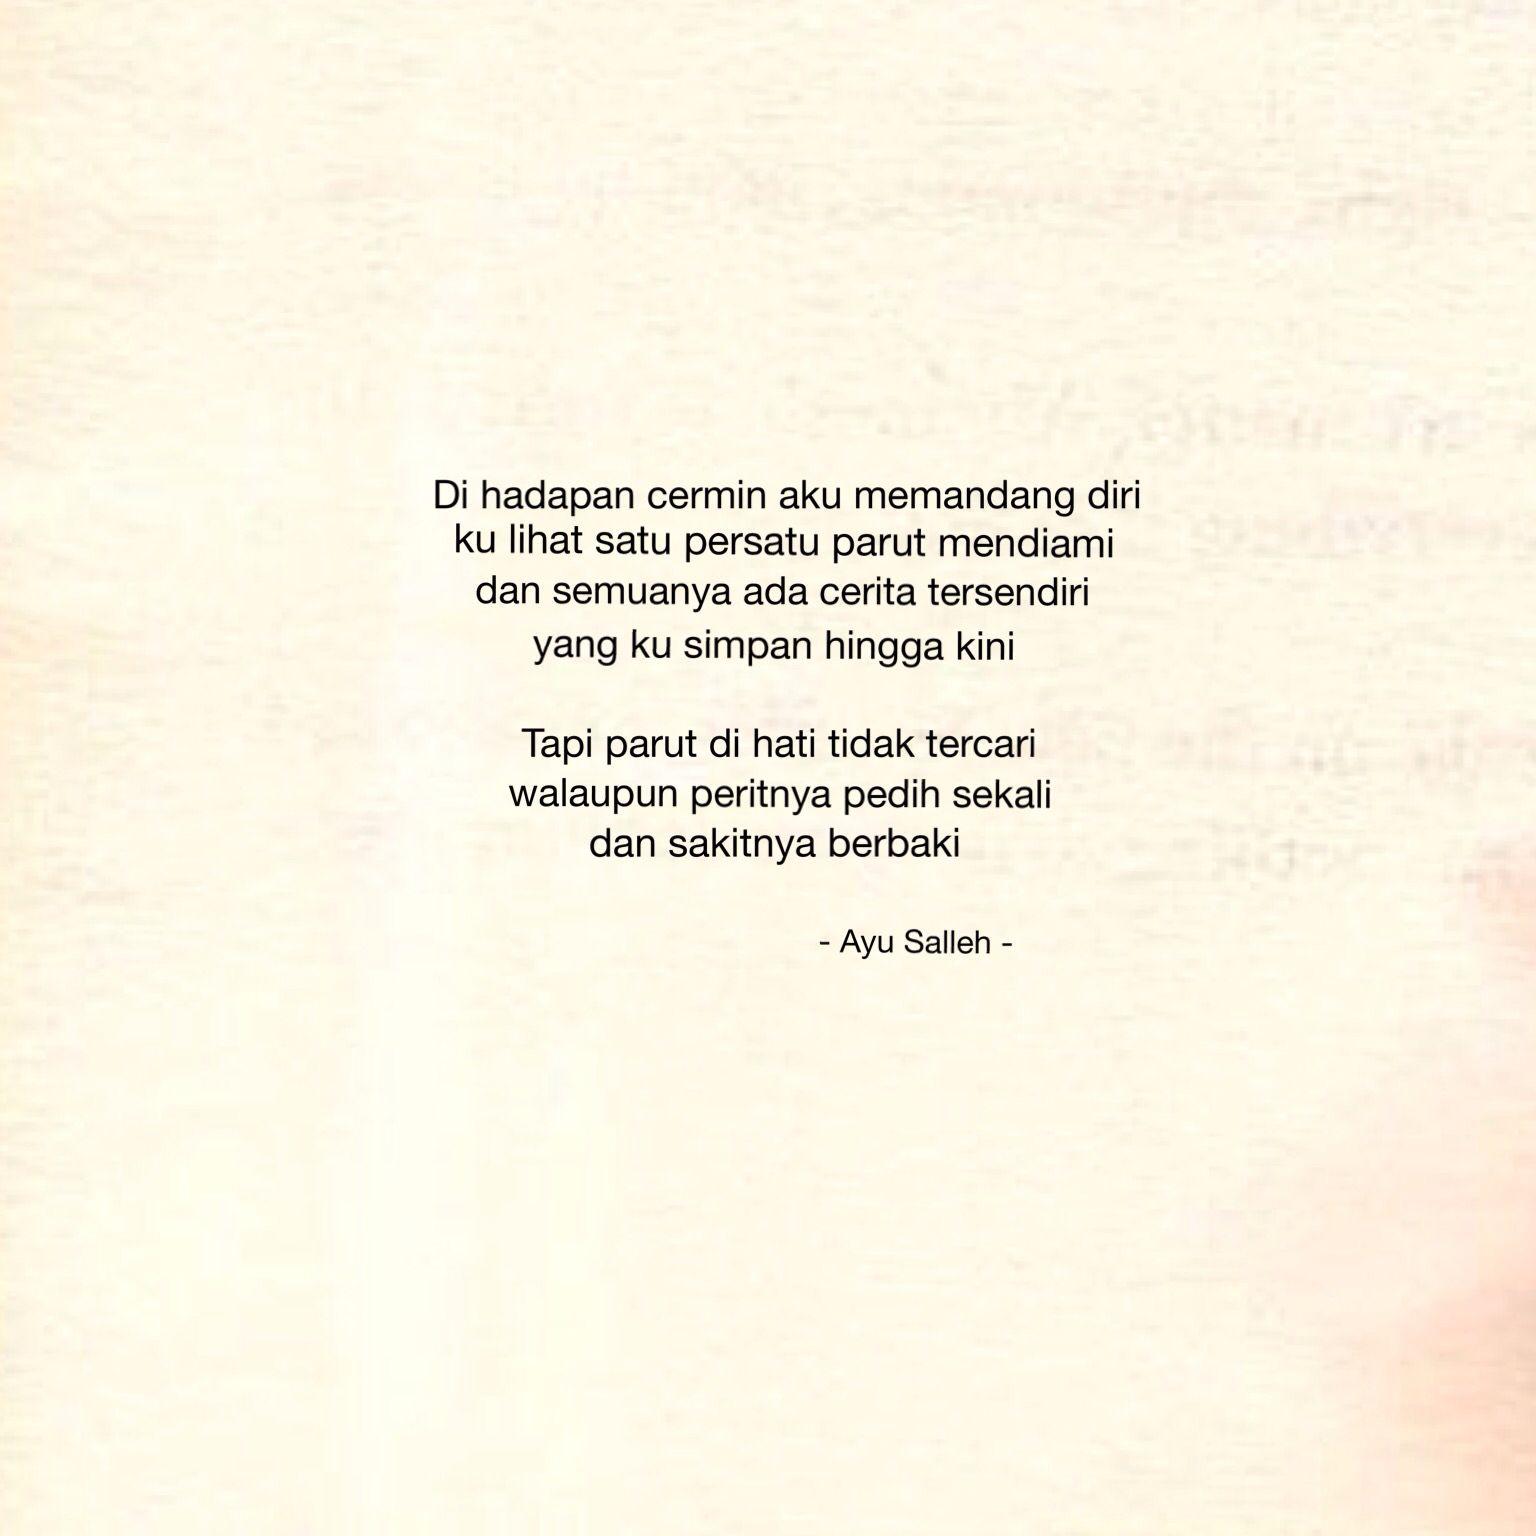 Ini Adalah Puisi Yang Saya Ringkaskan Dan Dipetik Dari Buku Sulung Puisi Penuh Boleh Didapati Dari Buku P E R H E N T I A N Copyr Kata Kata Motivasi Puisi